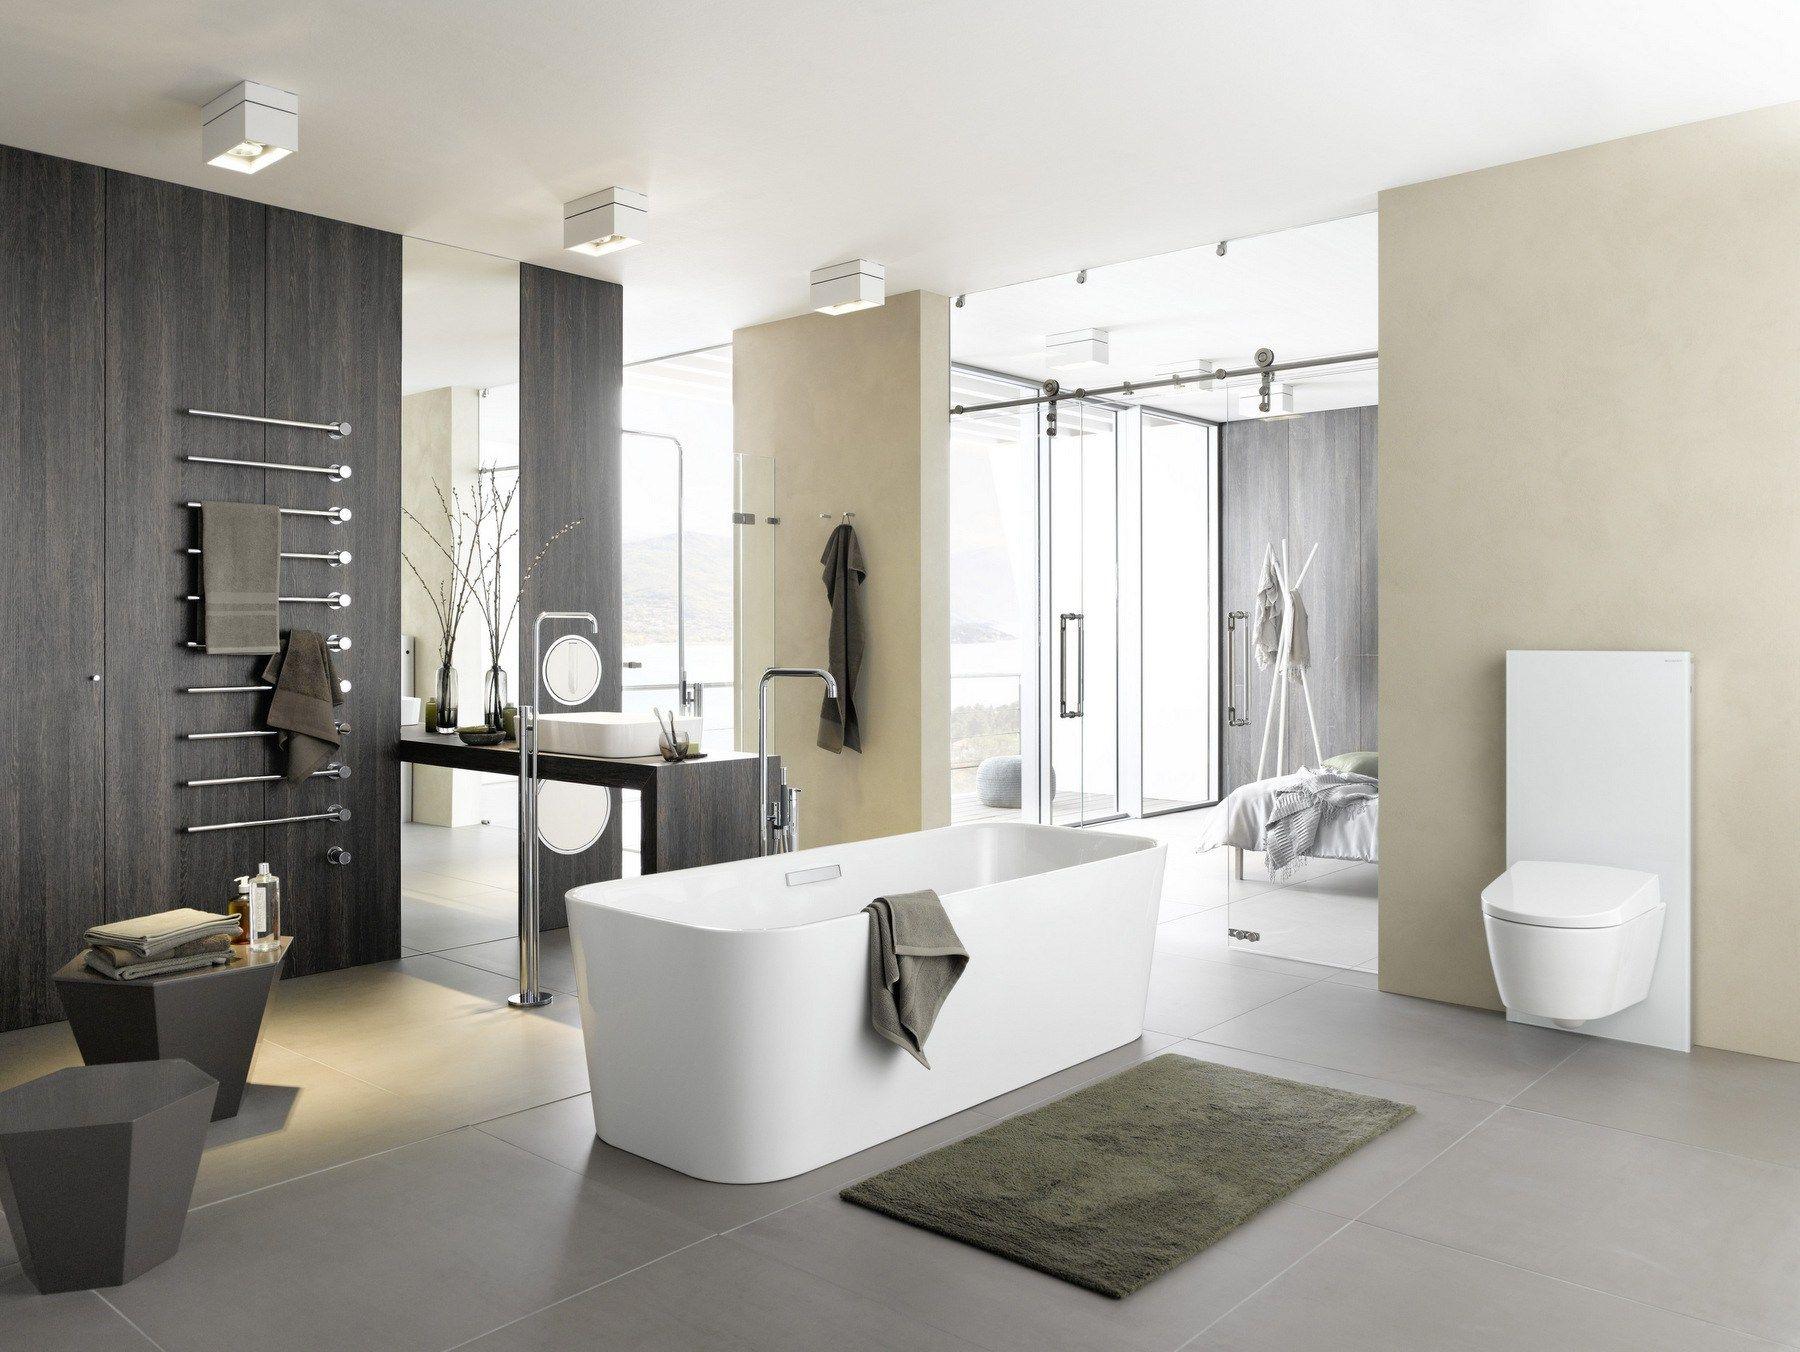 freistehende badewanne aus emailliertem stahl betteart kollektion freistehende badewannen by. Black Bedroom Furniture Sets. Home Design Ideas